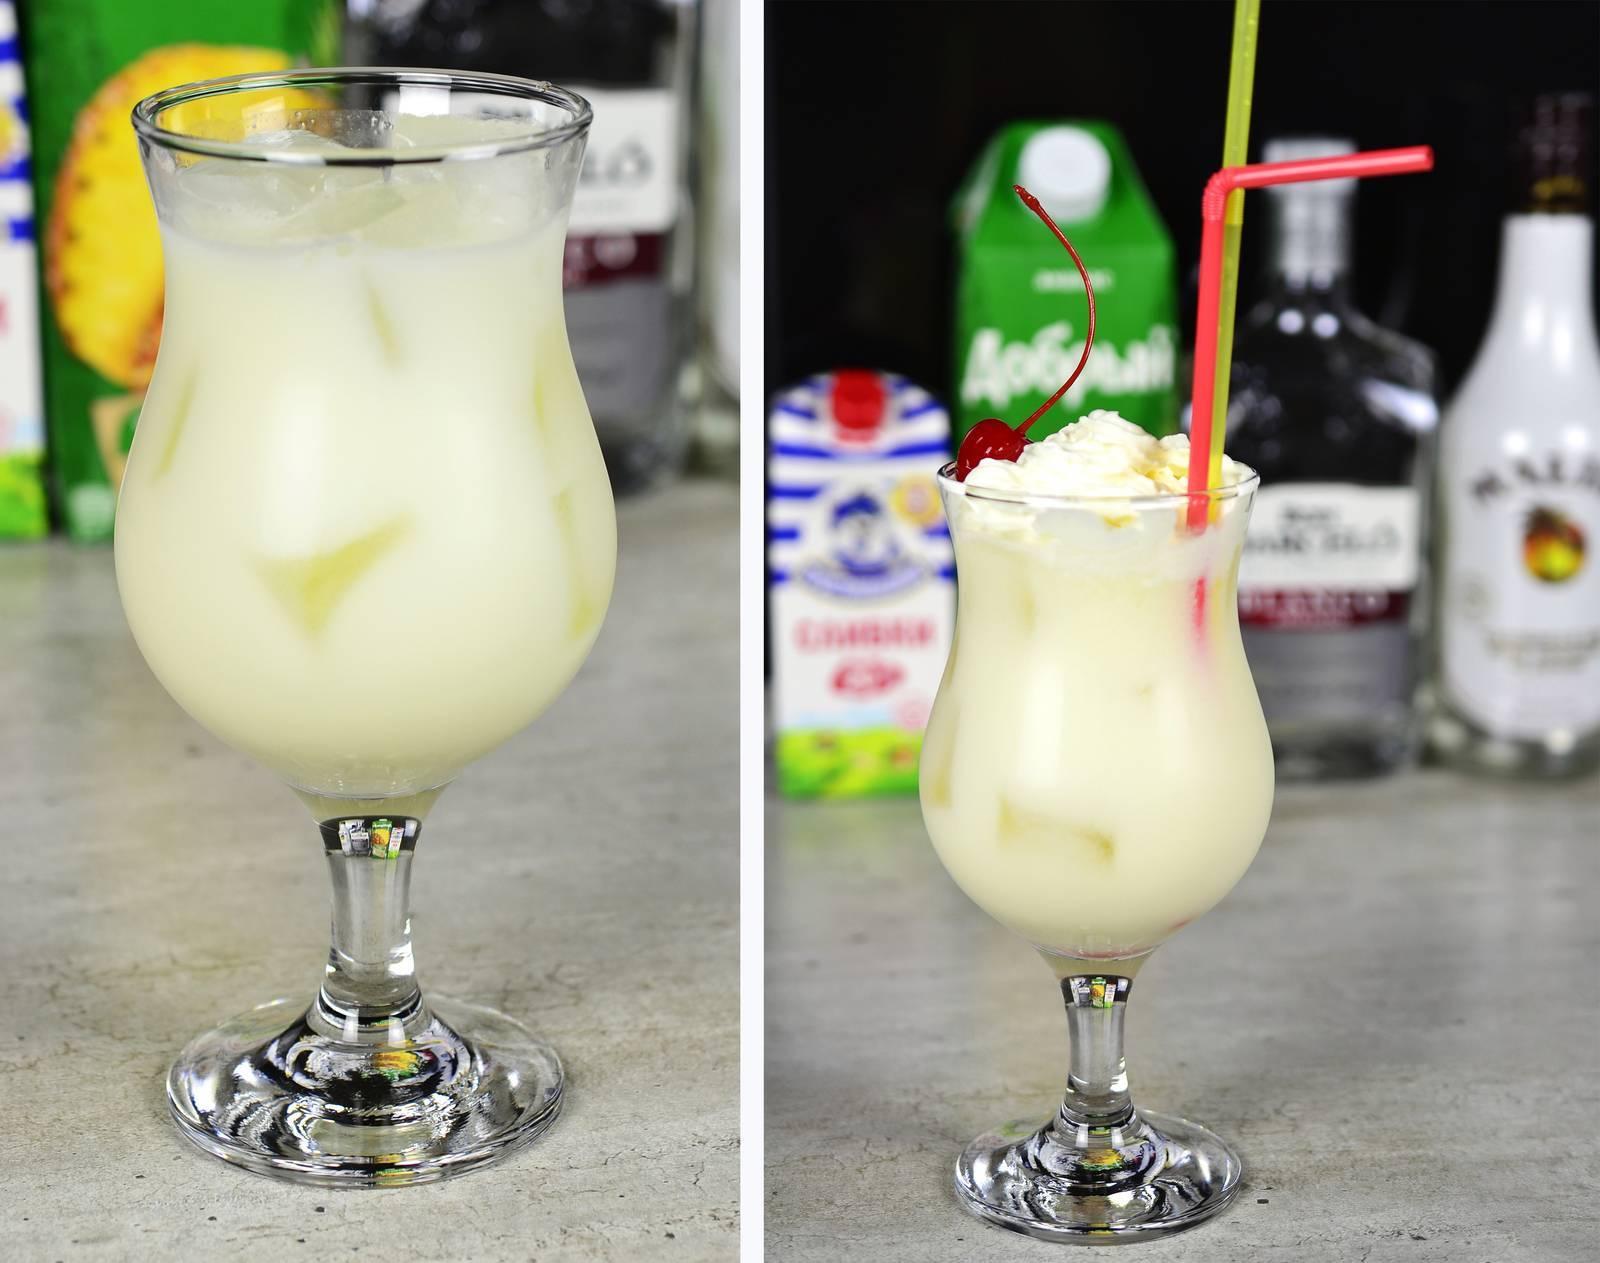 Коктейль пина колада- рецепты алкогольного и безалкогольного напитка